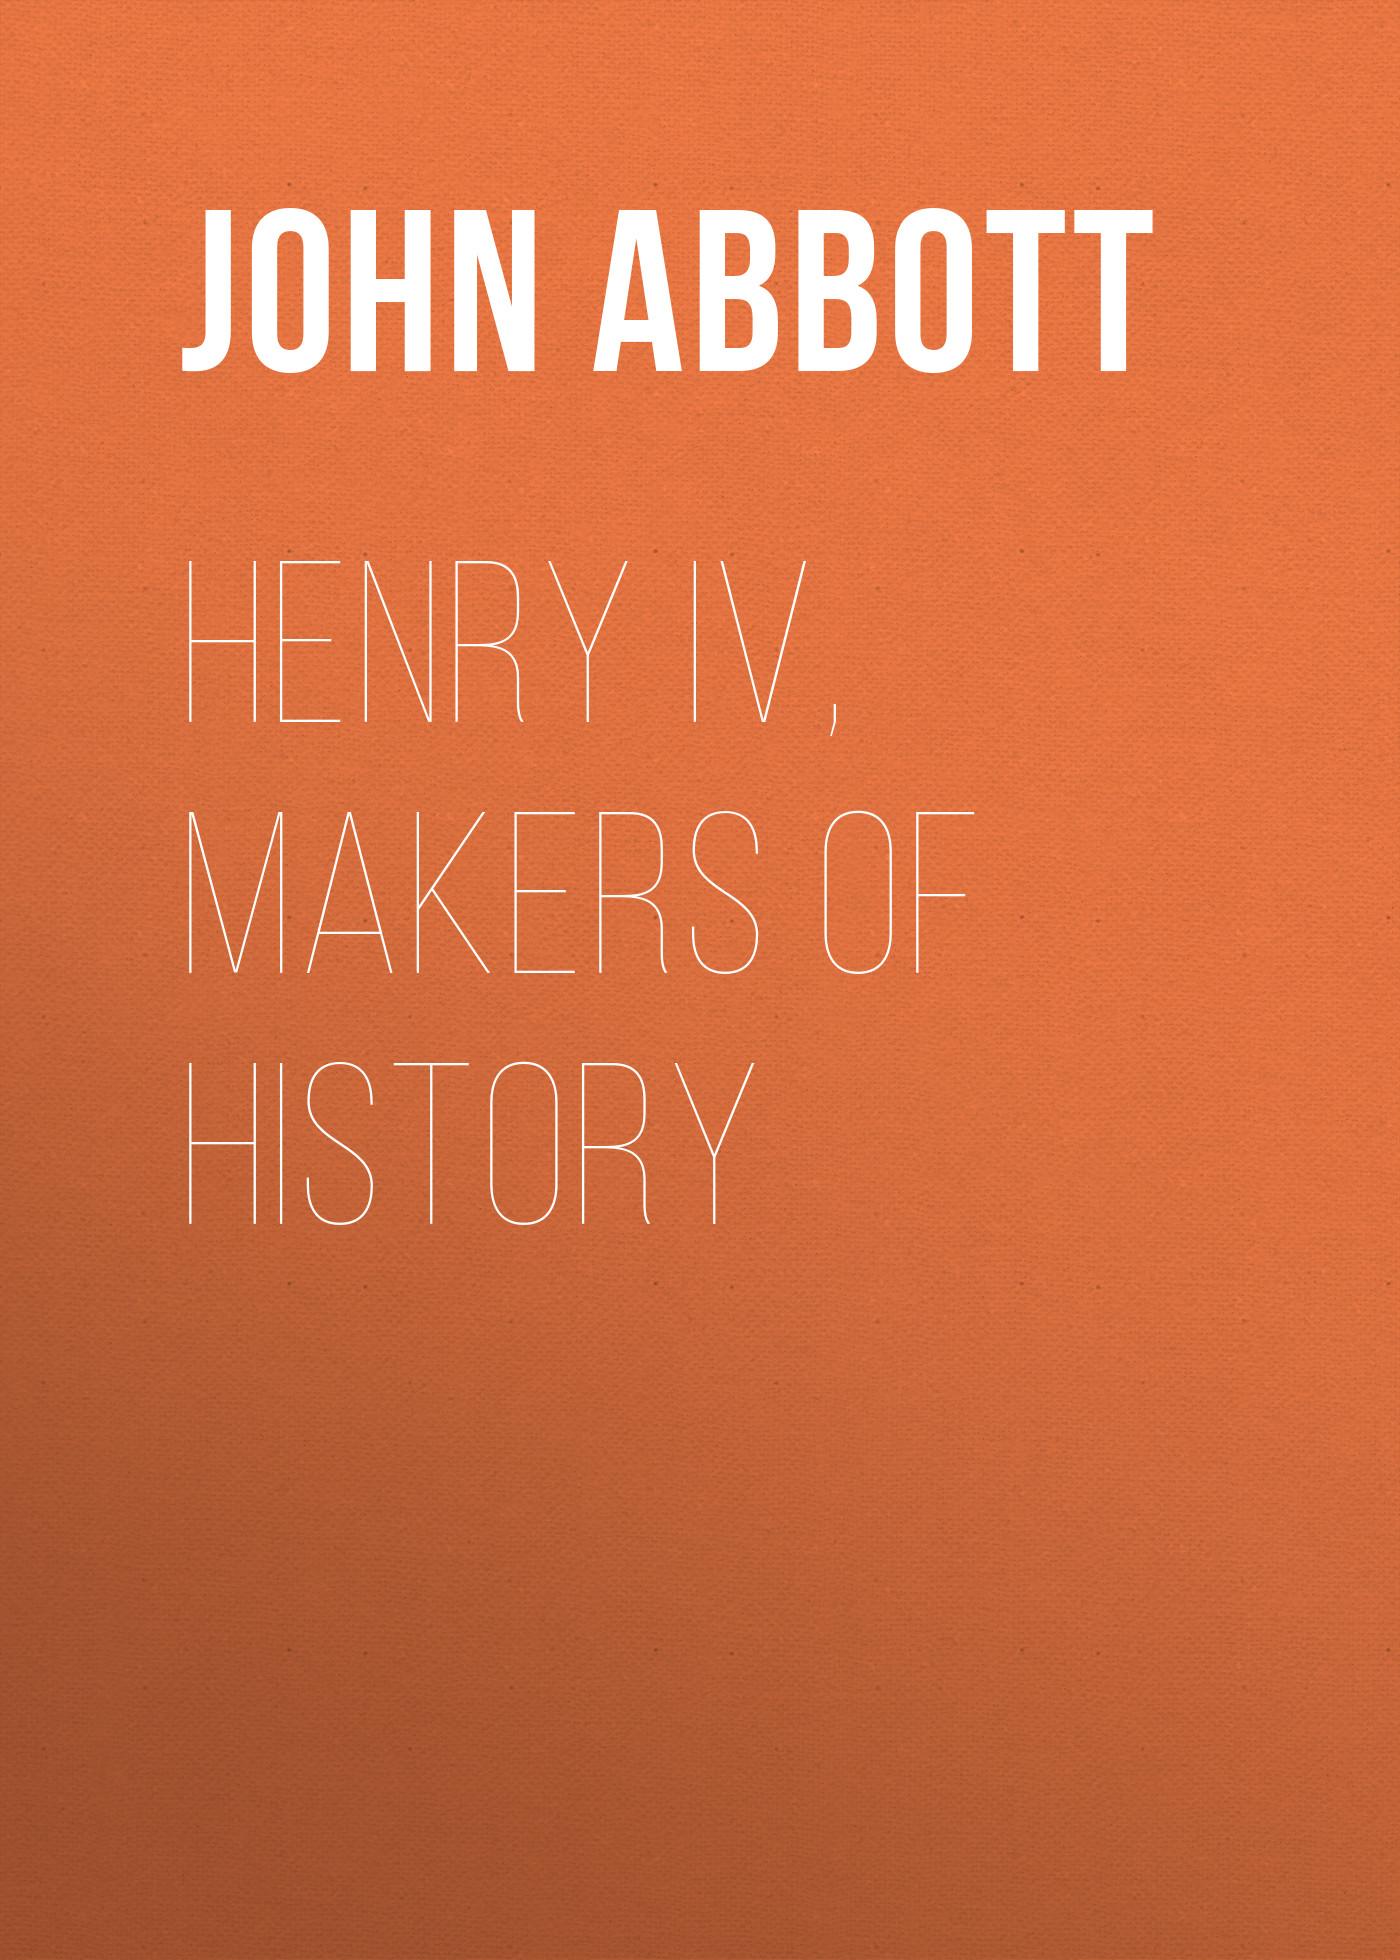 Abbott John Stevens Cabot Henry IV, Makers of History abbott henry camping at cherry pond